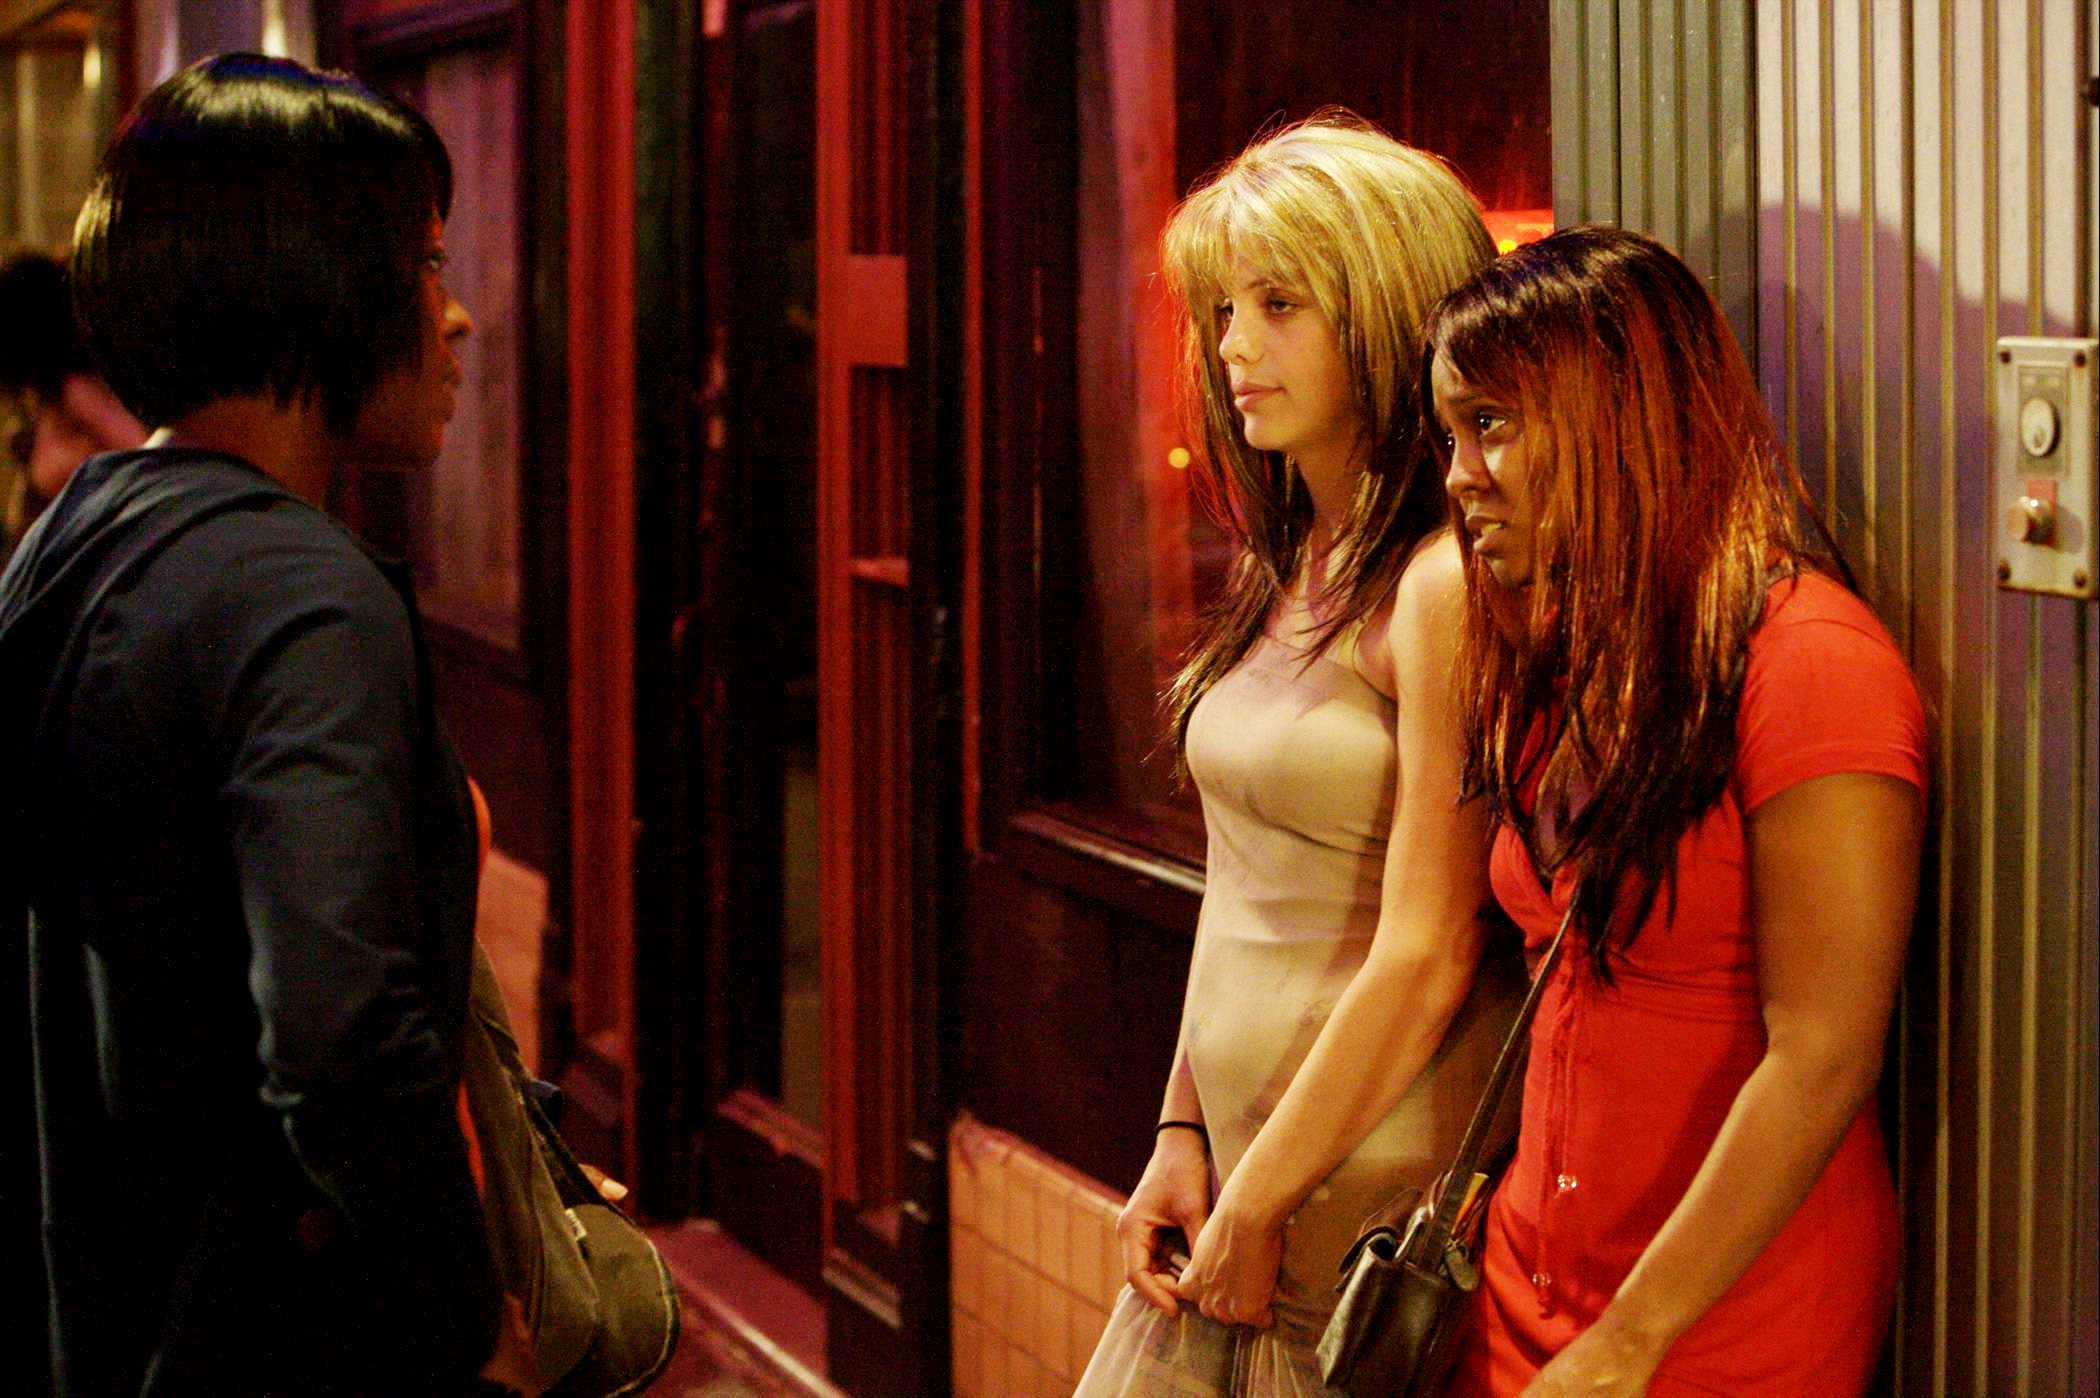 prostituees dans la rue